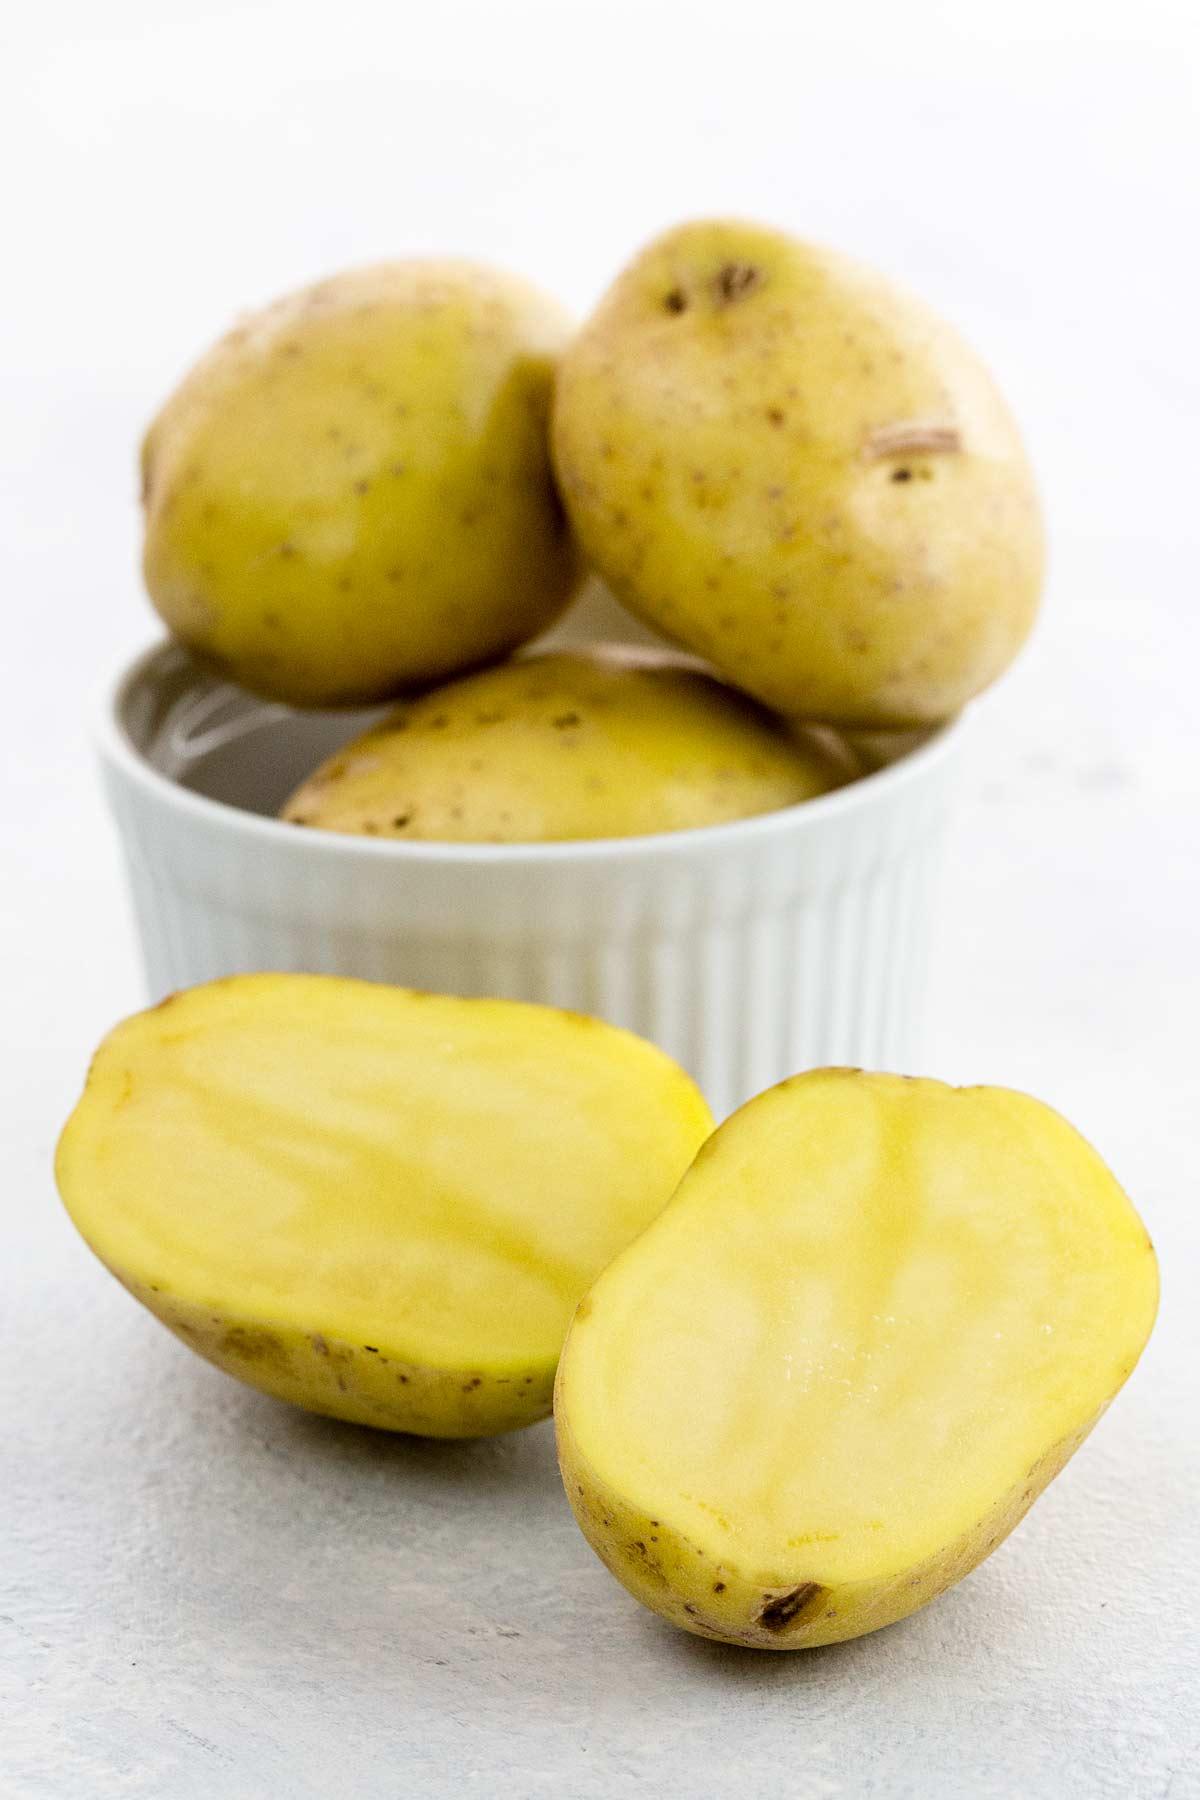 White Potato (All-Purpose)